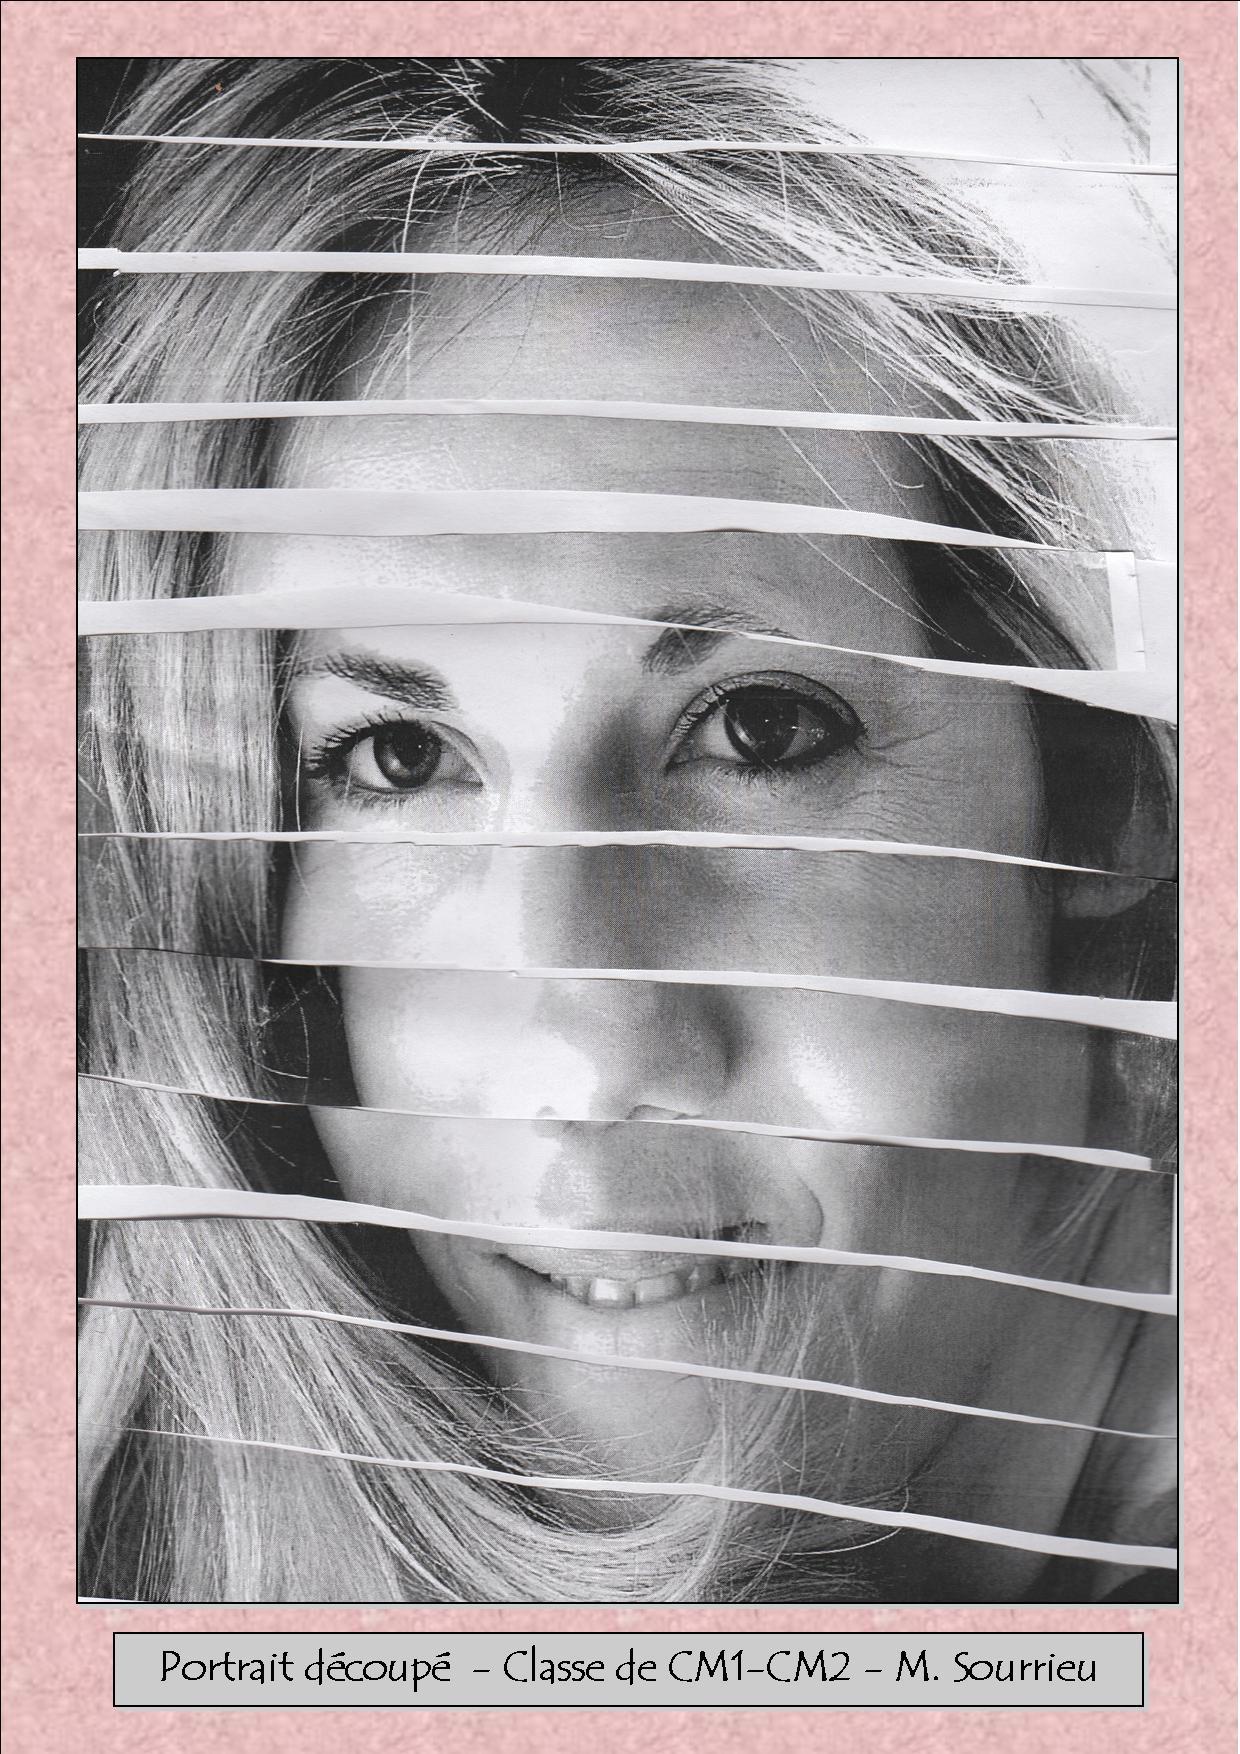 Portrait découpé CM2 - M. Sourrieu 03.jpg